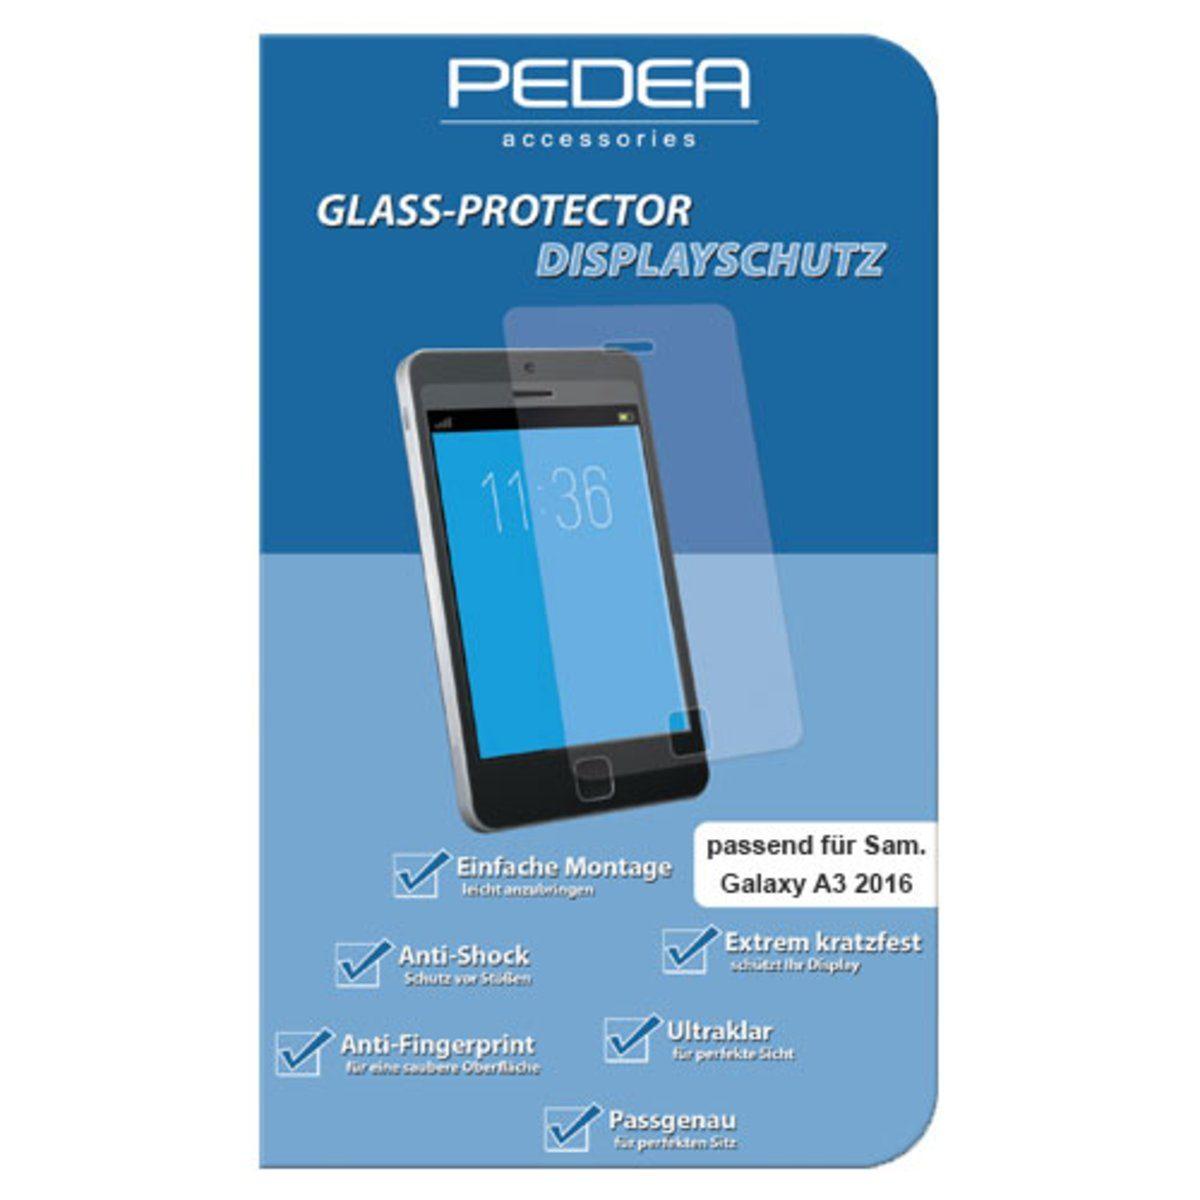 PEDEA Folie »Glasschutzfolie für Samsung Galaxy A3«